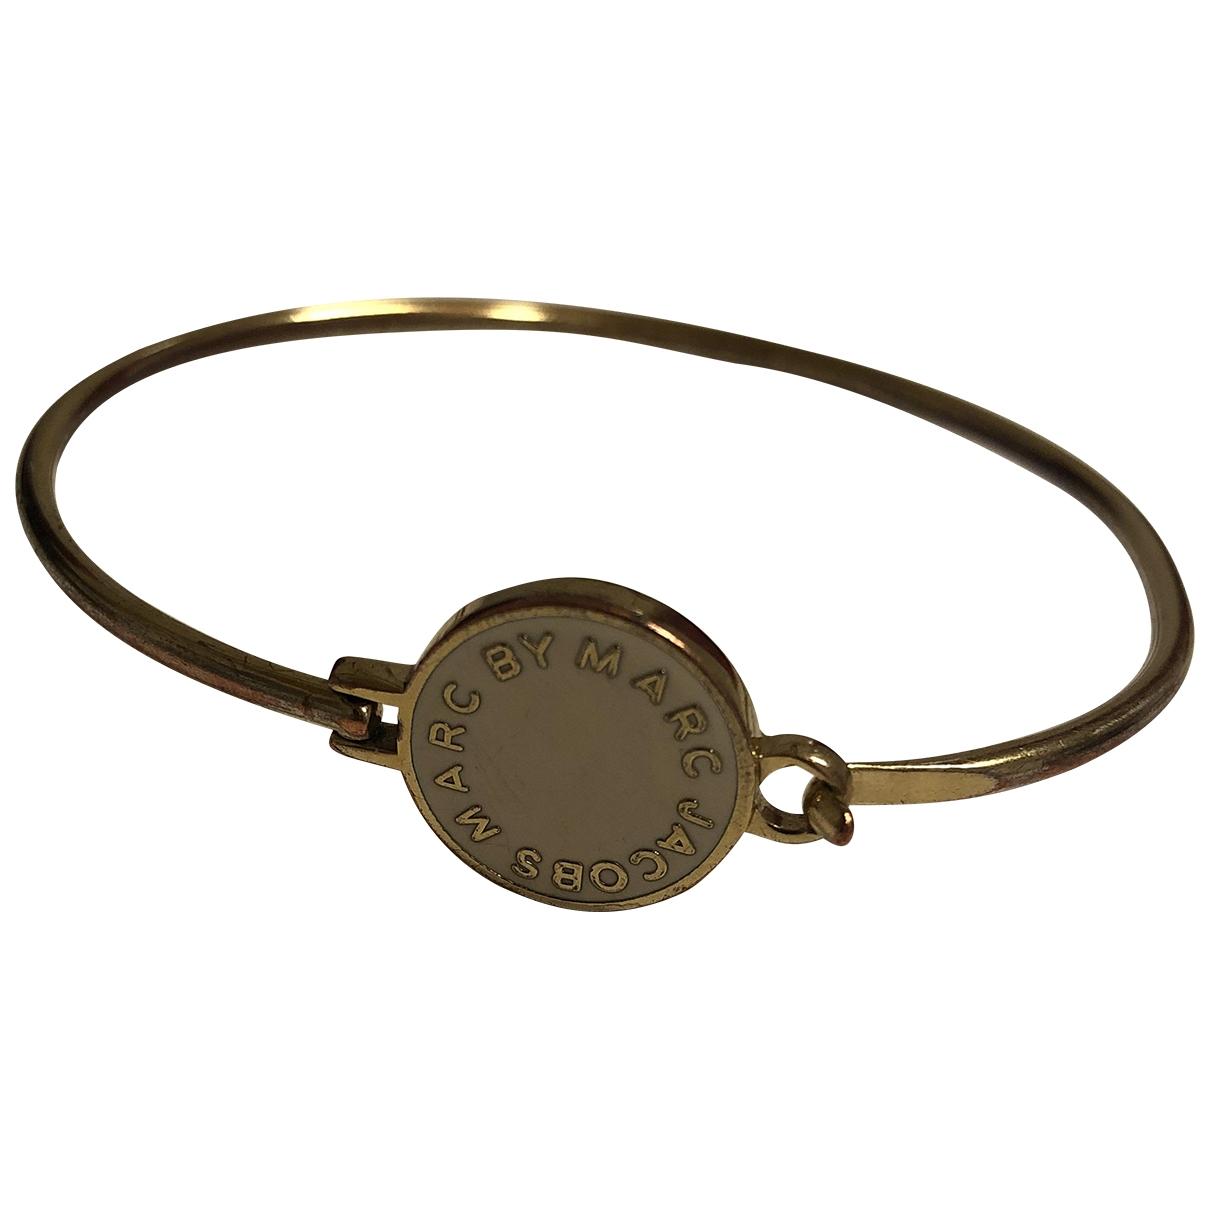 Marc By Marc Jacobs - Bracelet   pour femme en plaque or - dore